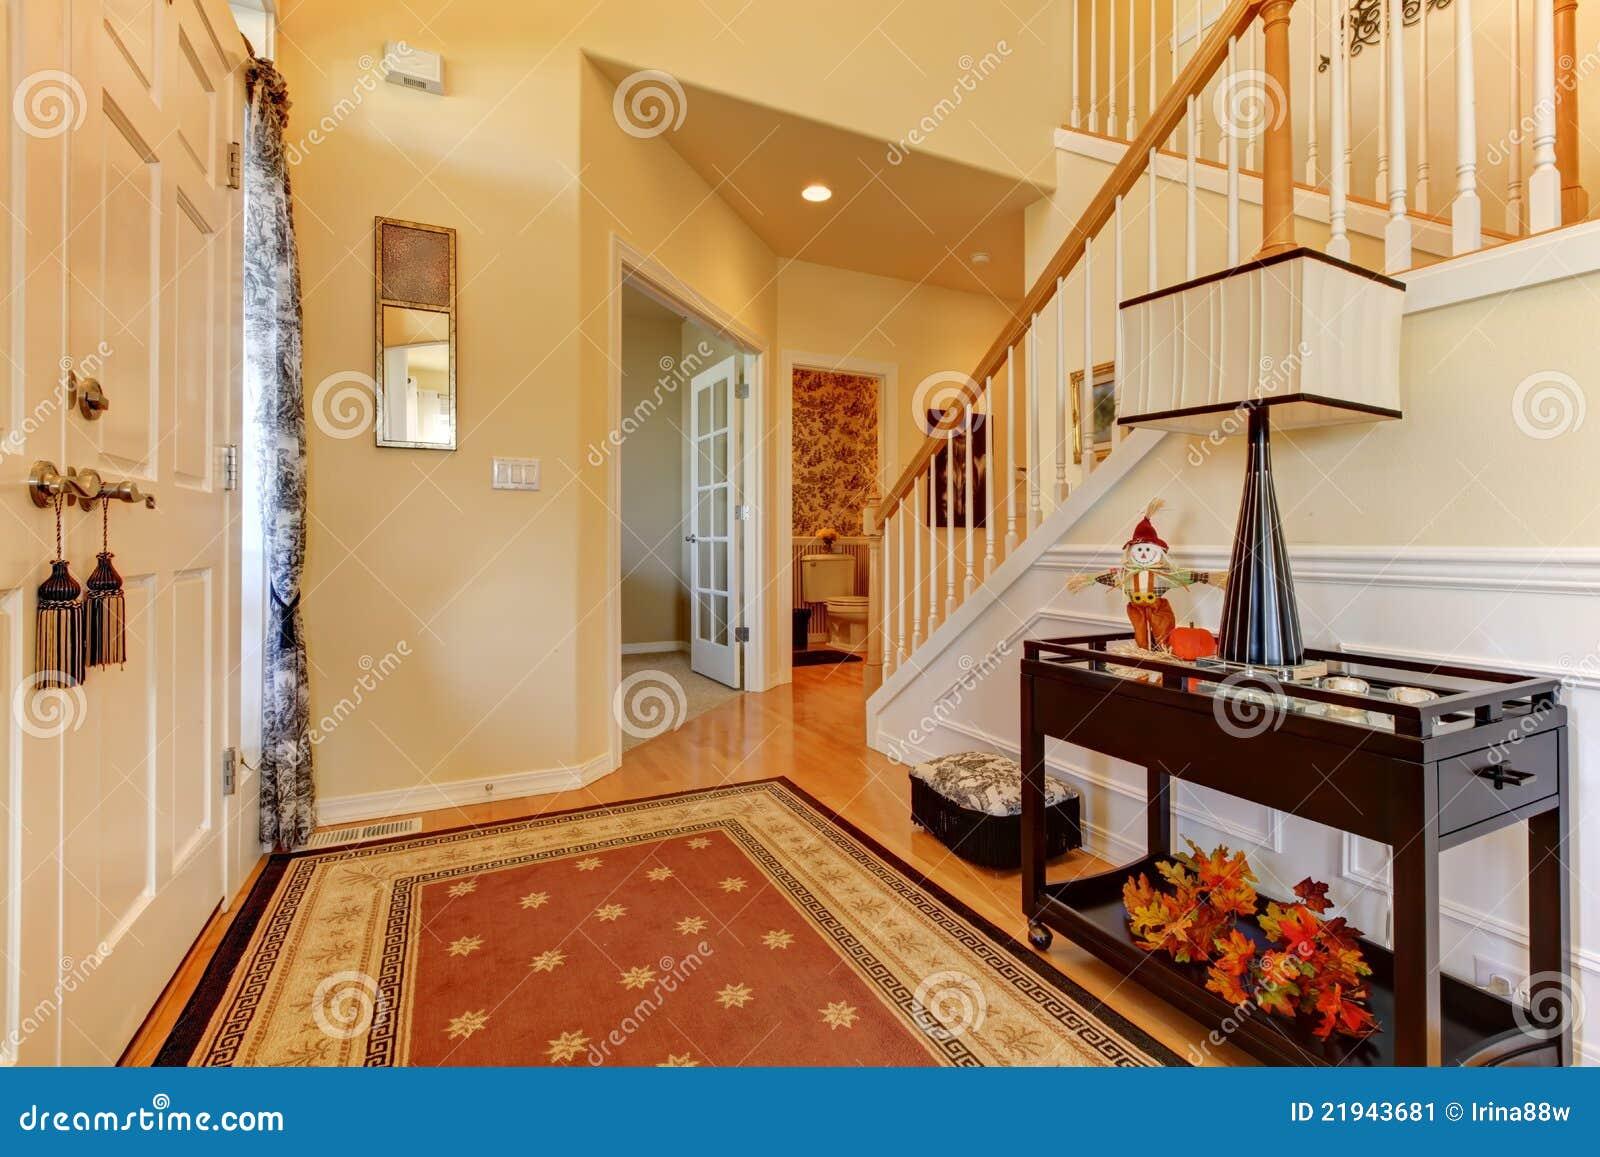 entr e de vestibule avec l 39 escalier blanc image stock image 21943681. Black Bedroom Furniture Sets. Home Design Ideas